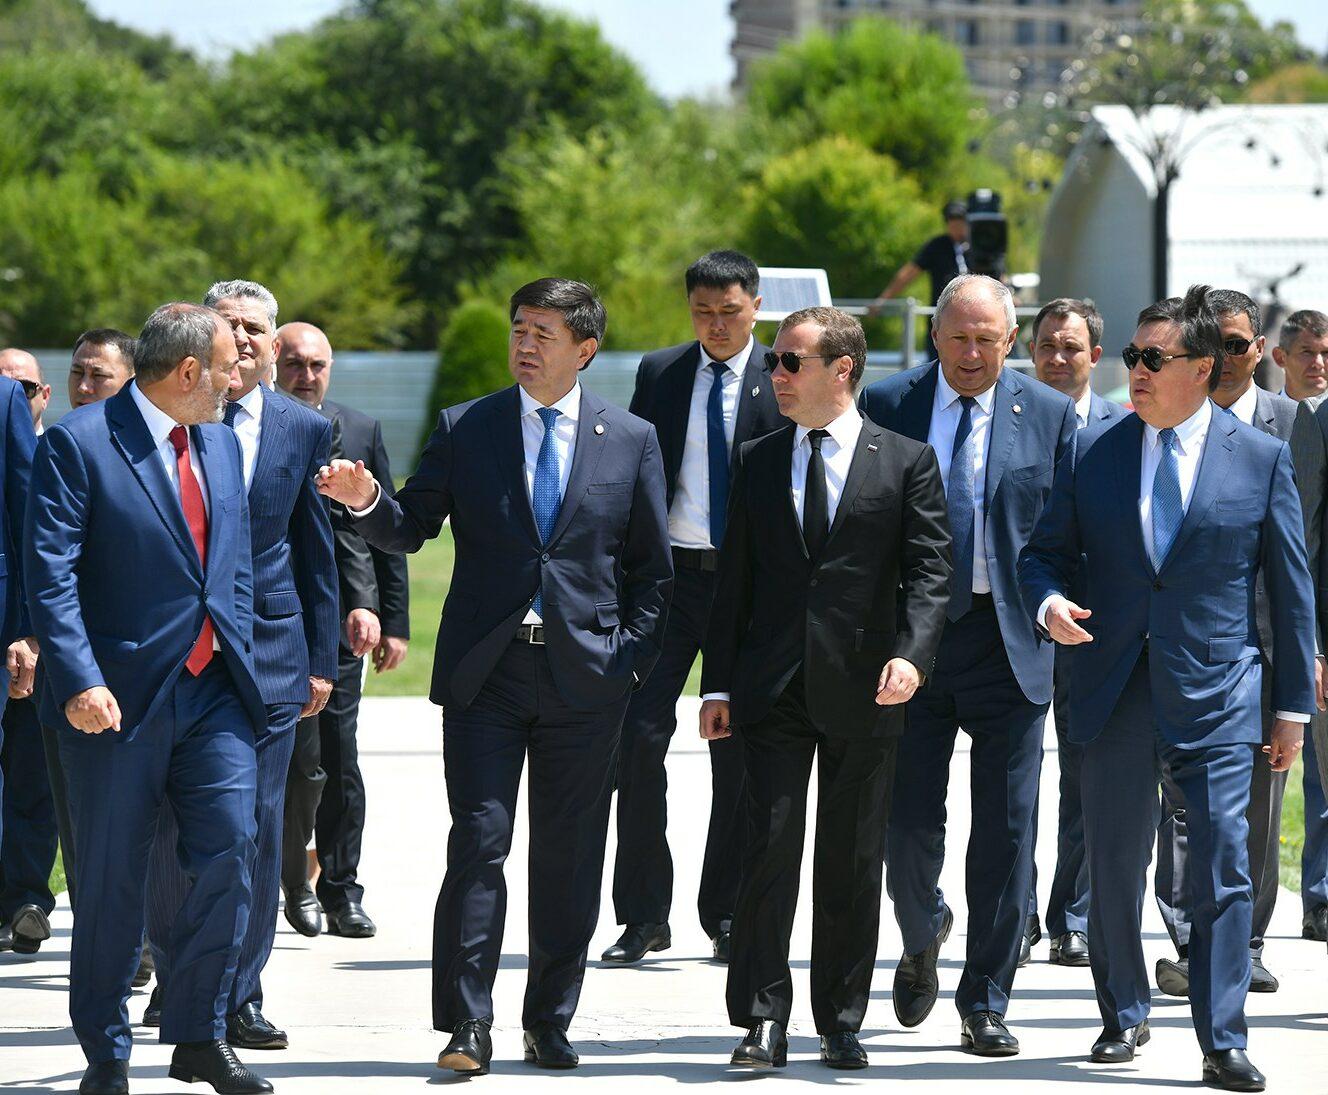 Абылгазиев Евразия өкмөт аралык кеңешинин жыйынына катышат